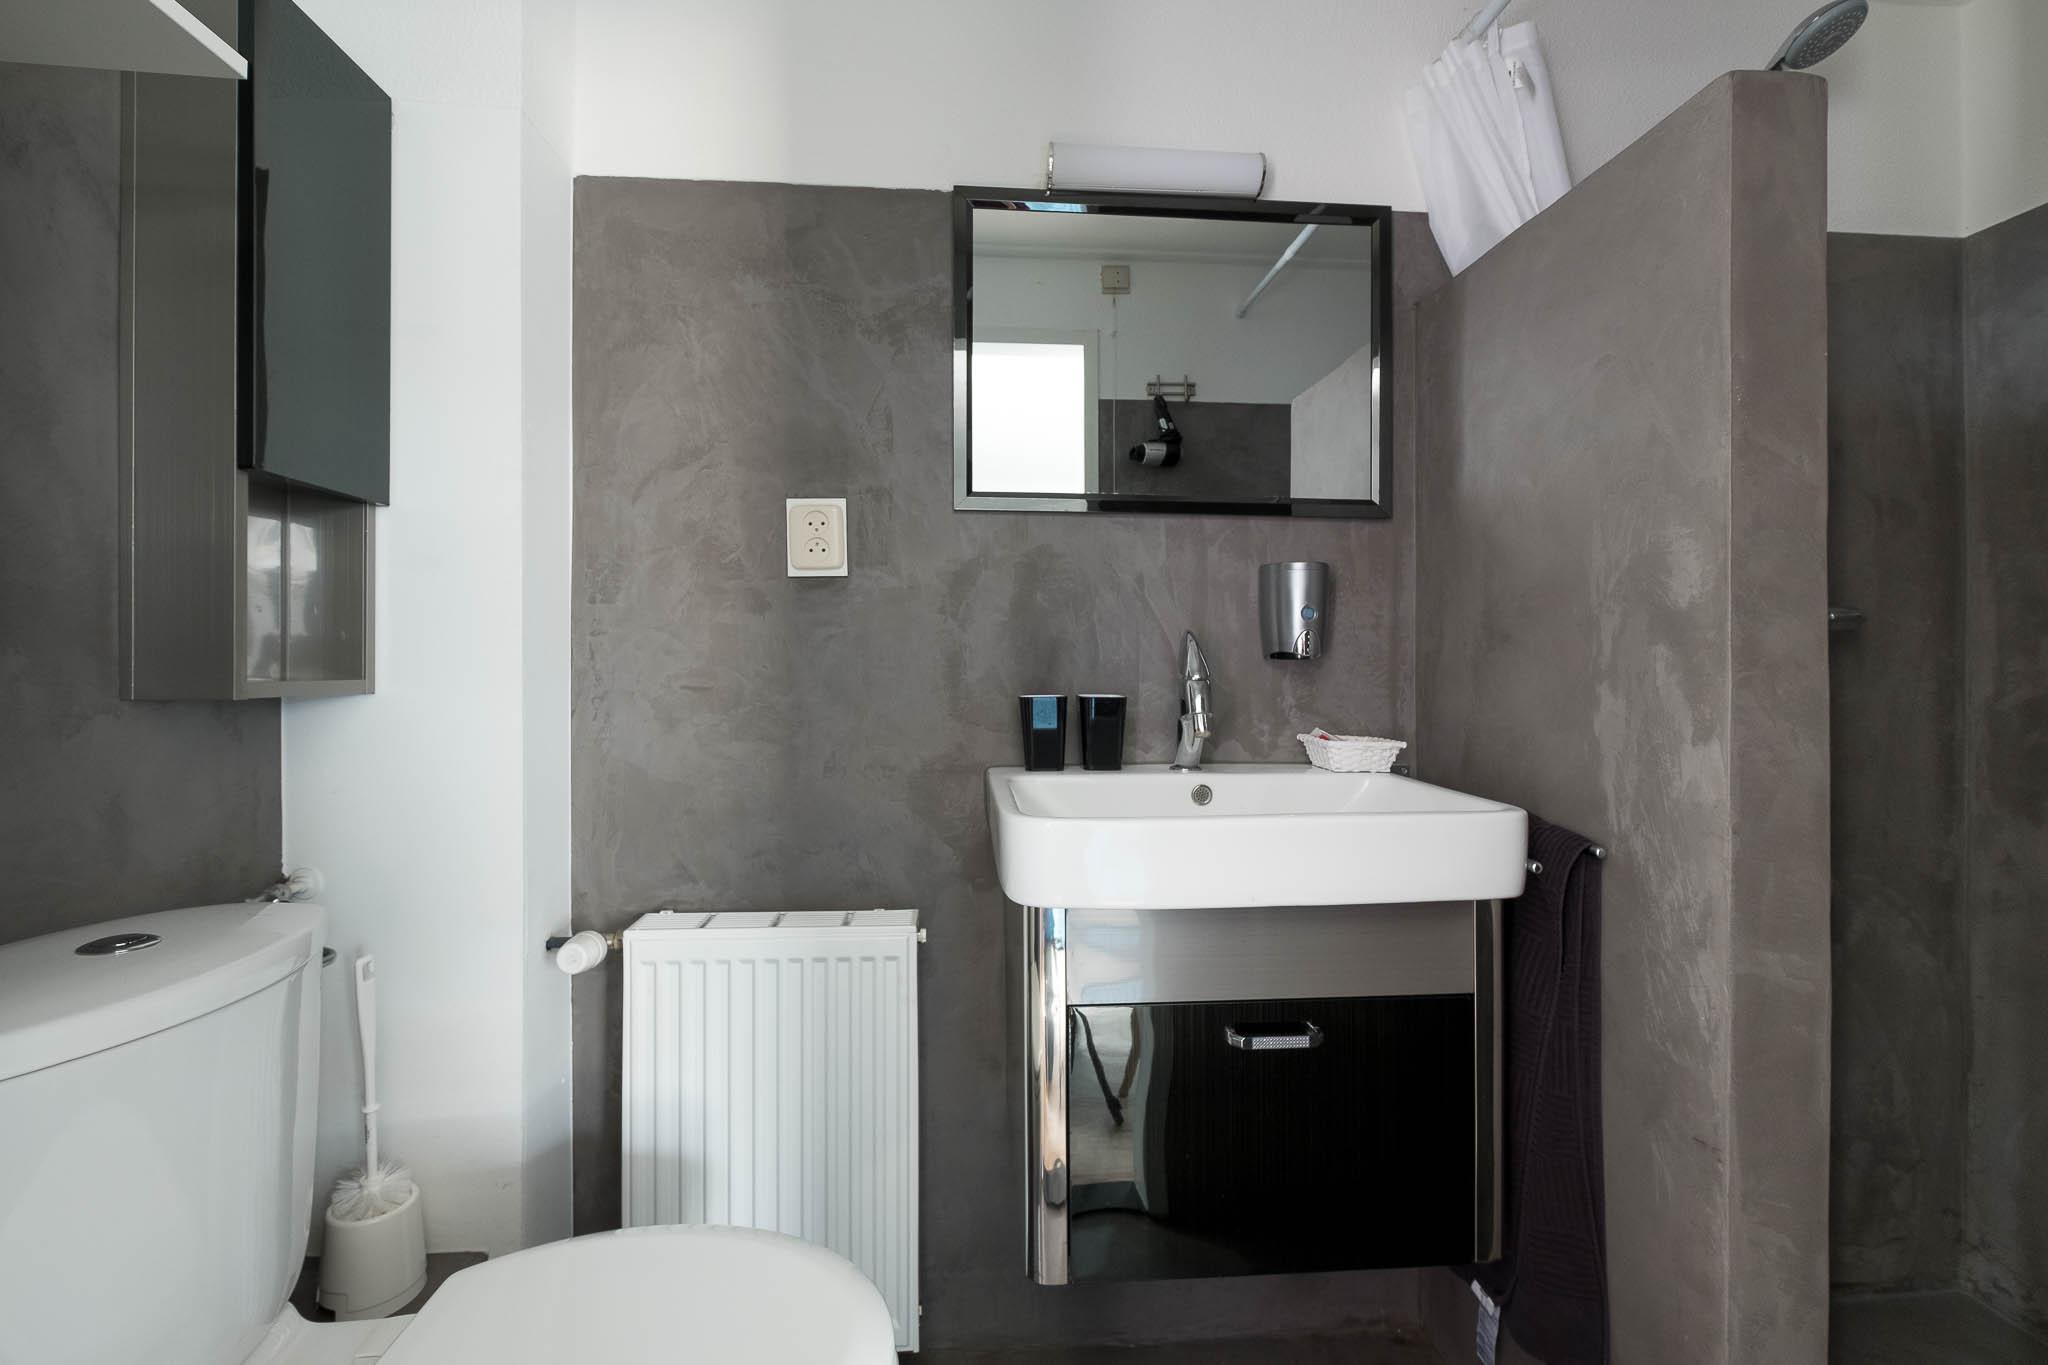 kamer 4 -badkamer